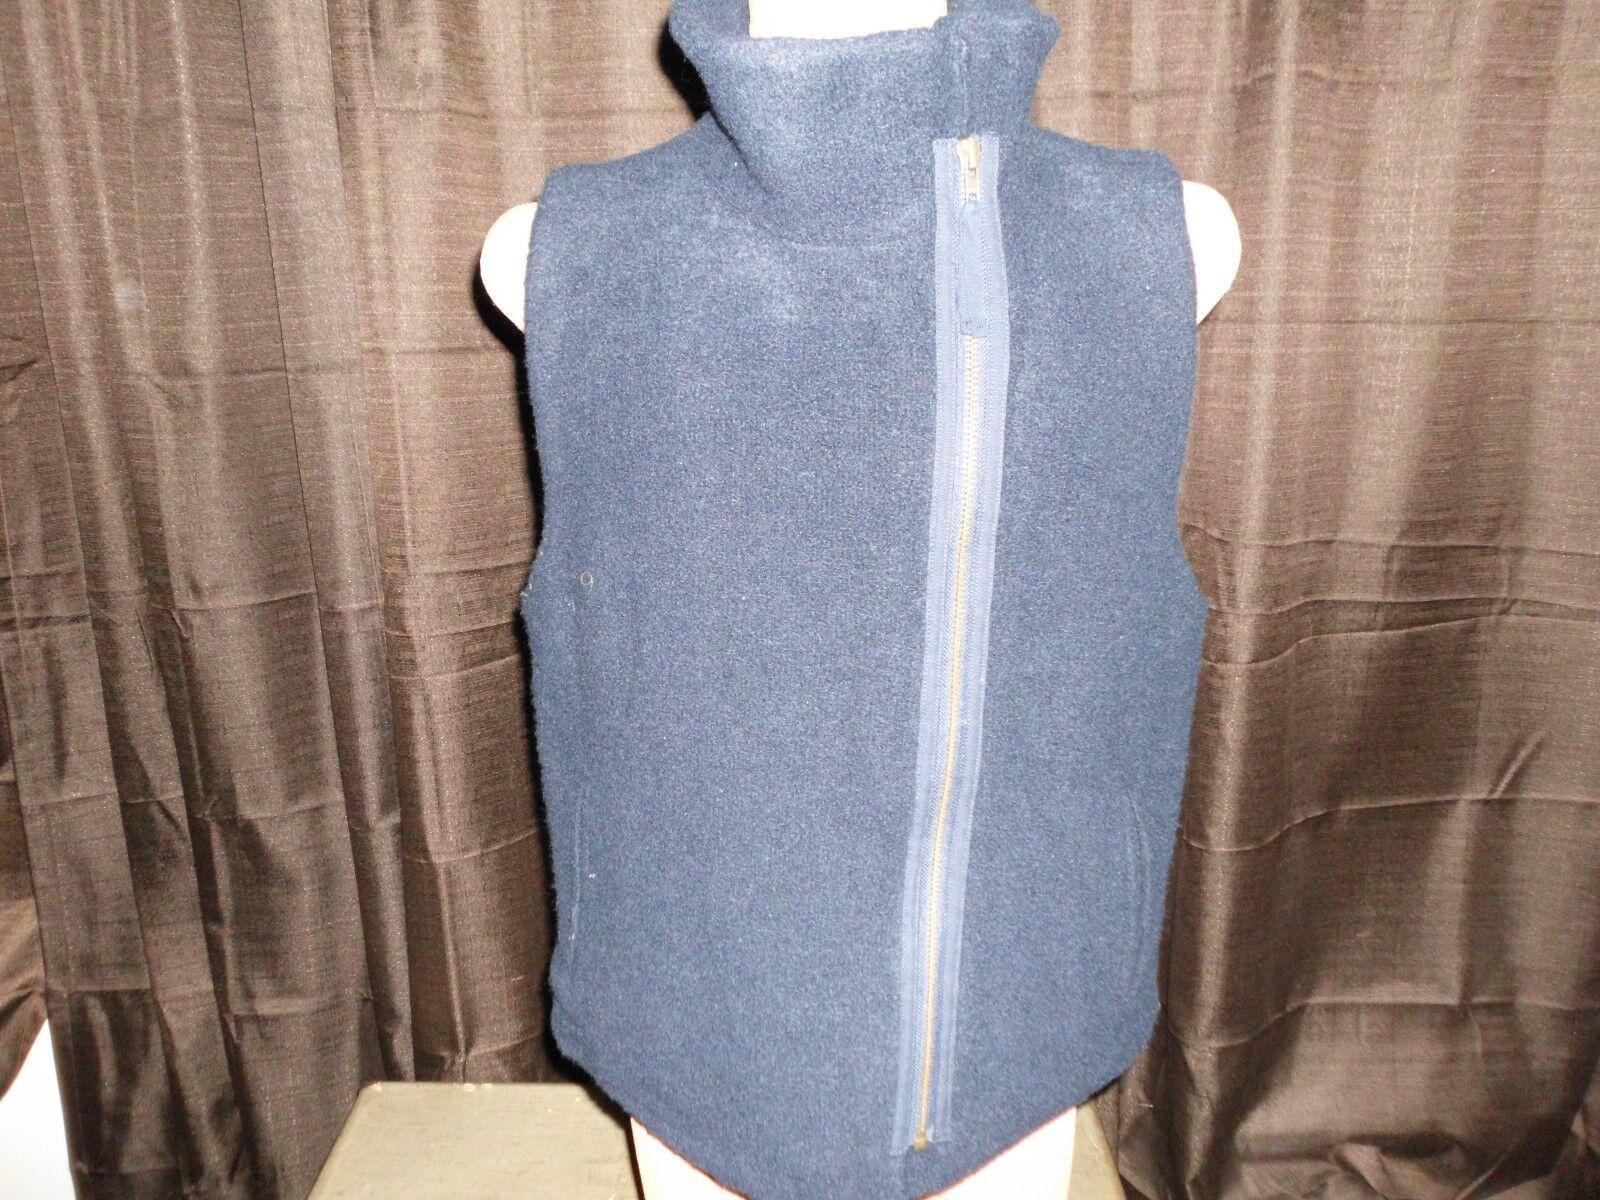 J. Crew Women's Front Zip Plush Fleece bluee Vest Vest Vest Size Medium M ee7676